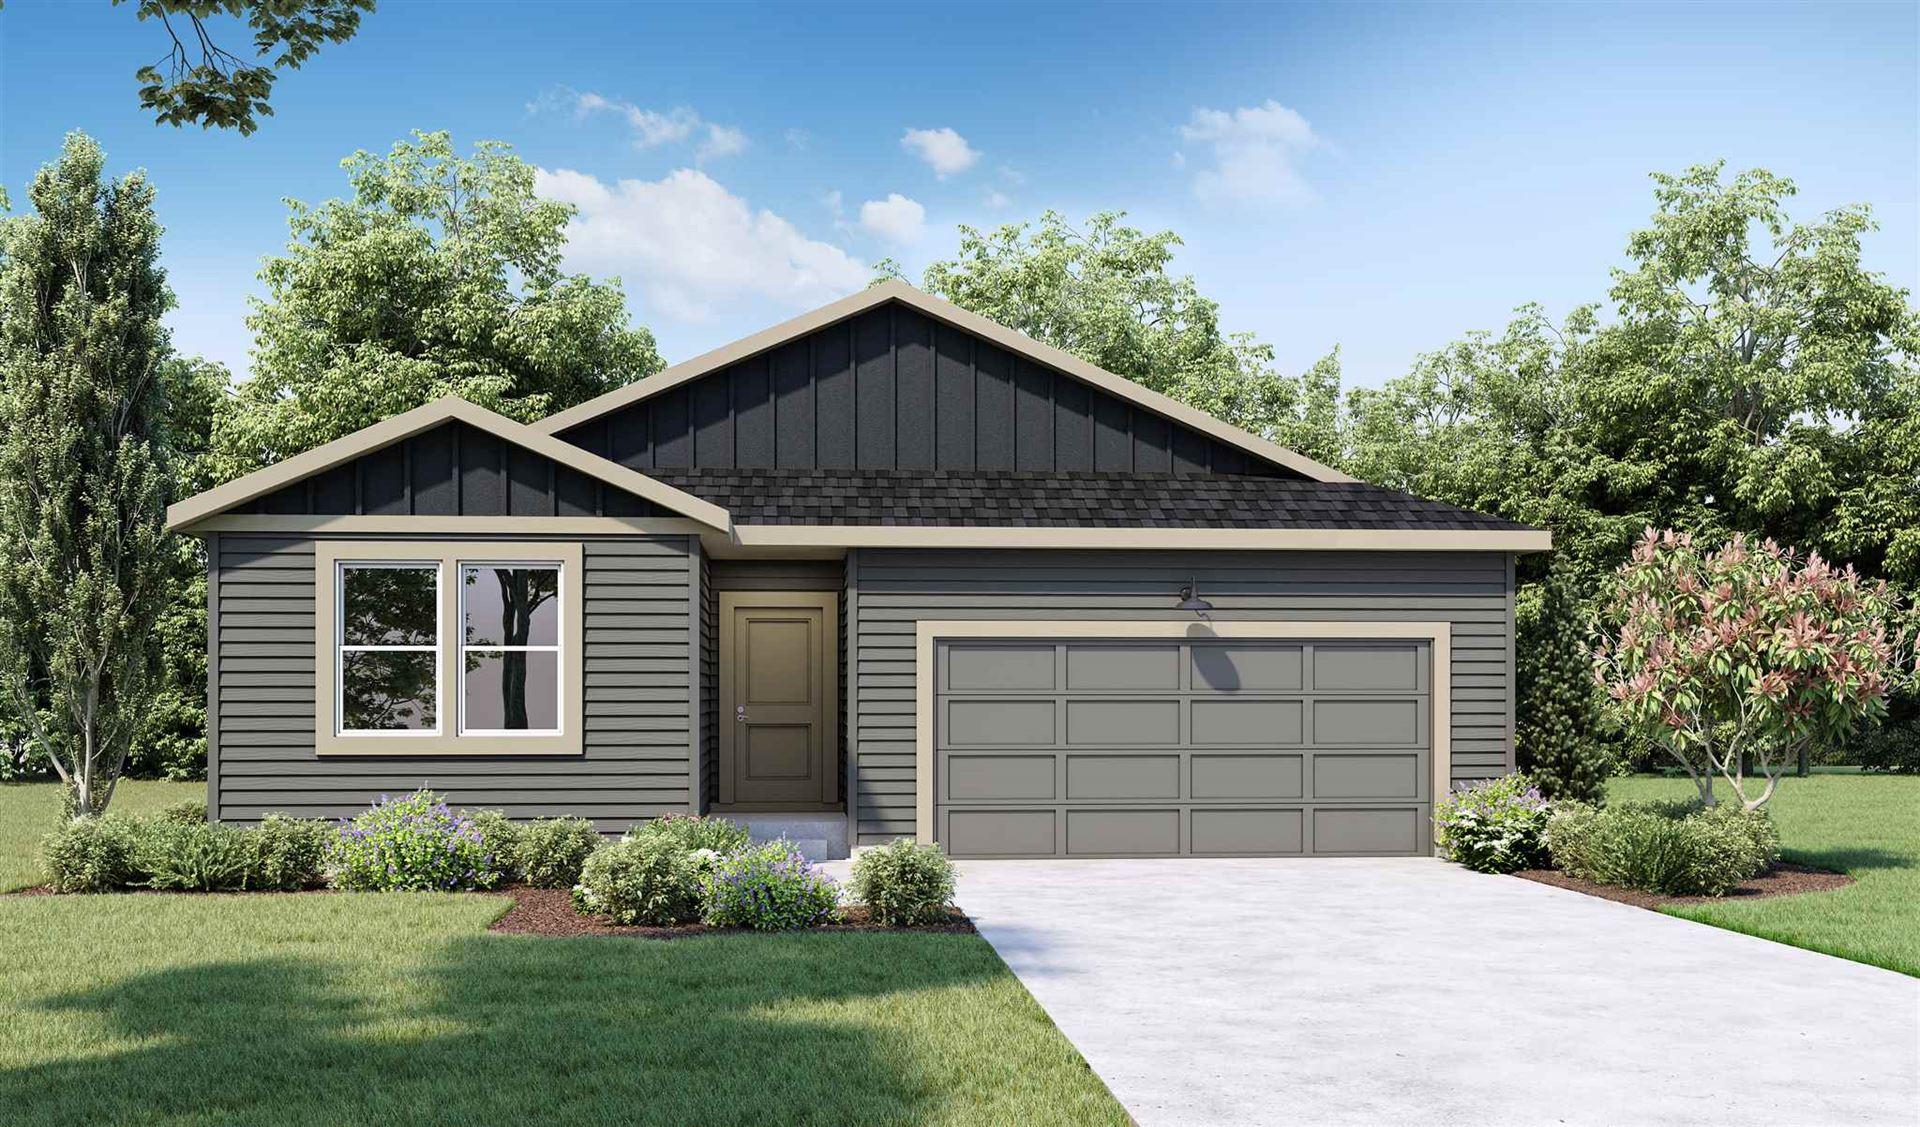 3222 N McKinnon Rd, Spokane, WA 99217 - #: 202112440